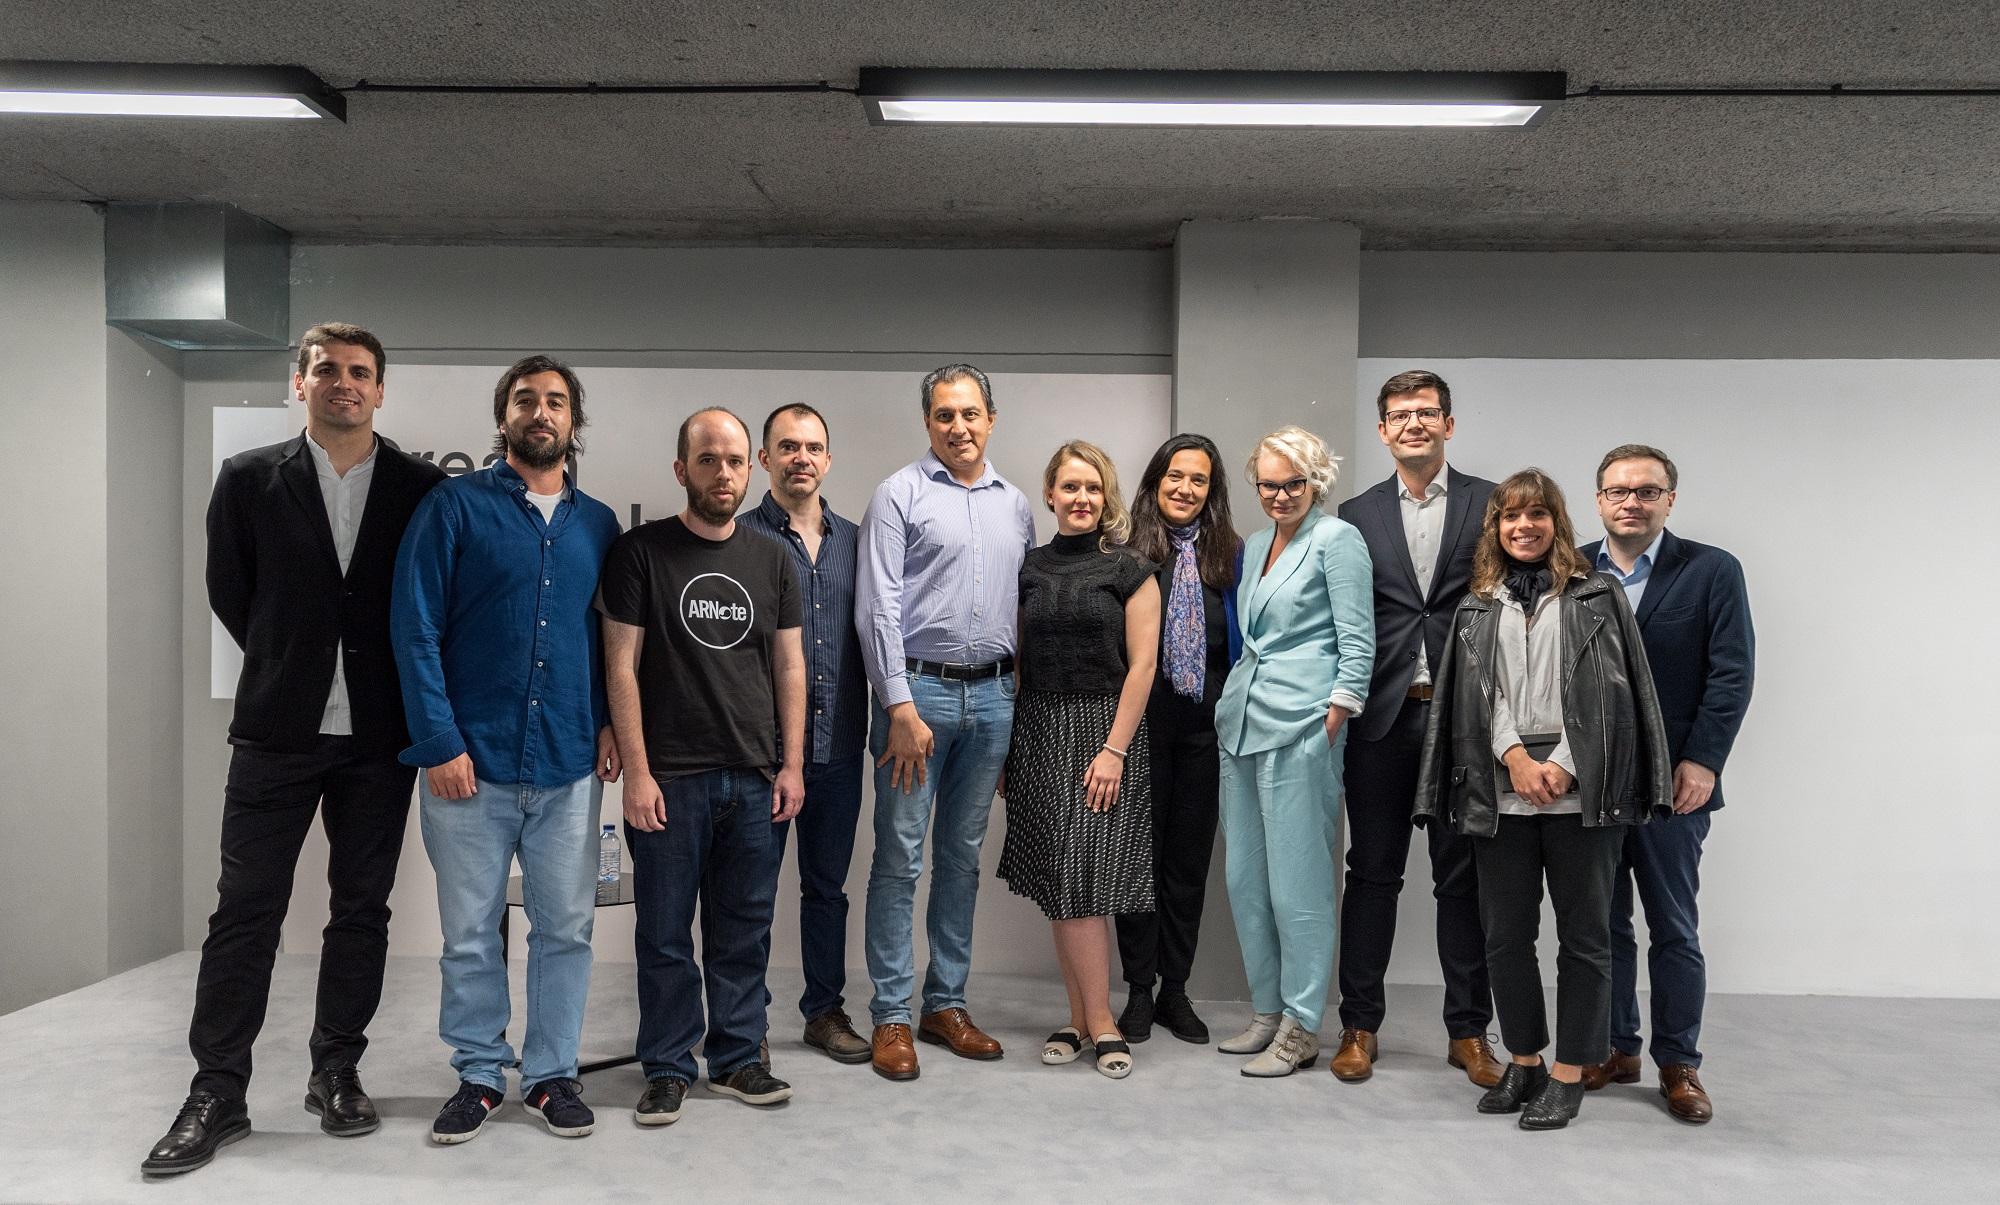 9149e8f05 Os 3 projetos finalistas com os responsáveis da Farfetch e mentores do  F-Tech Open.Farfetch. Trinta mil euros por um provador que permite  experimentar roupa ...